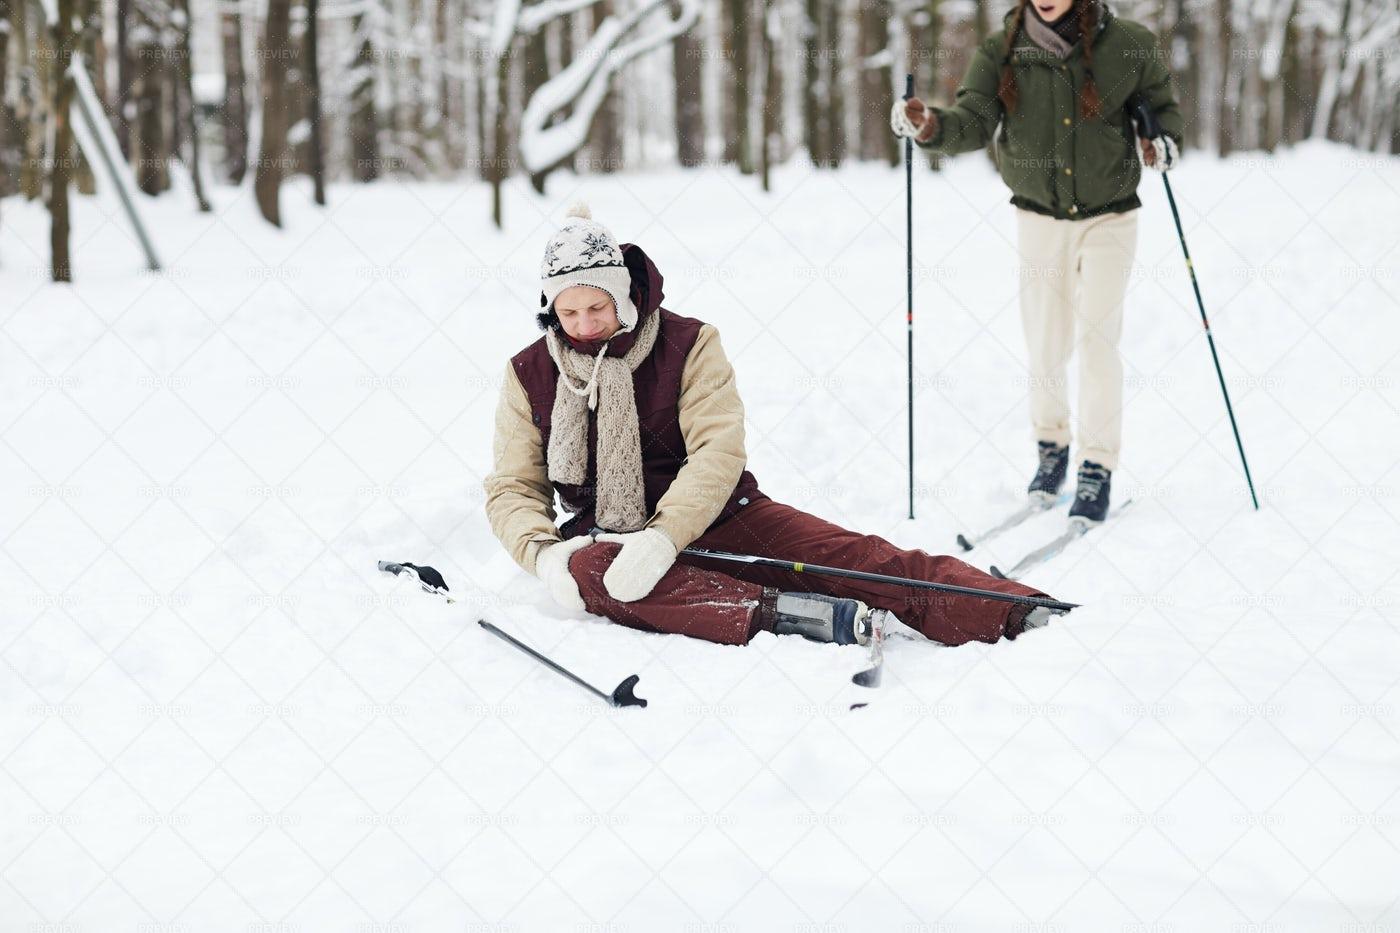 Injury During Skiing: Stock Photos